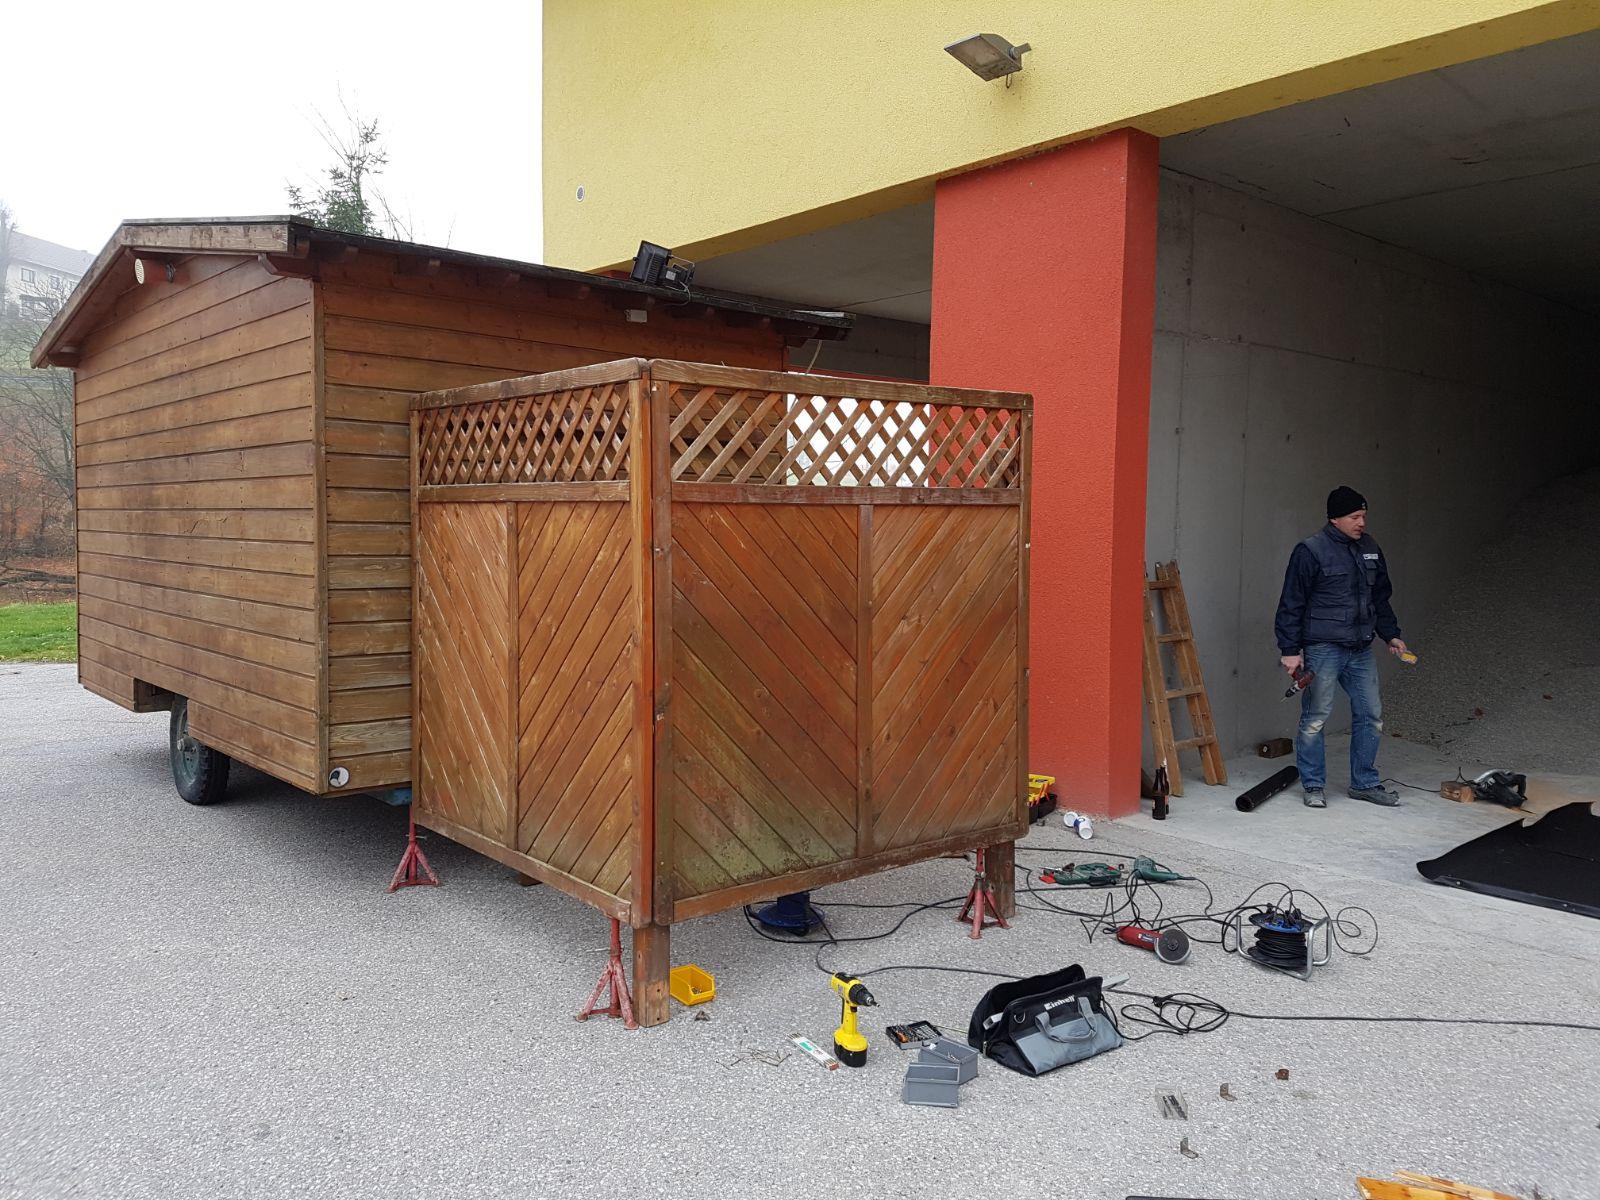 Zubau zu unserer mobilen Hütte